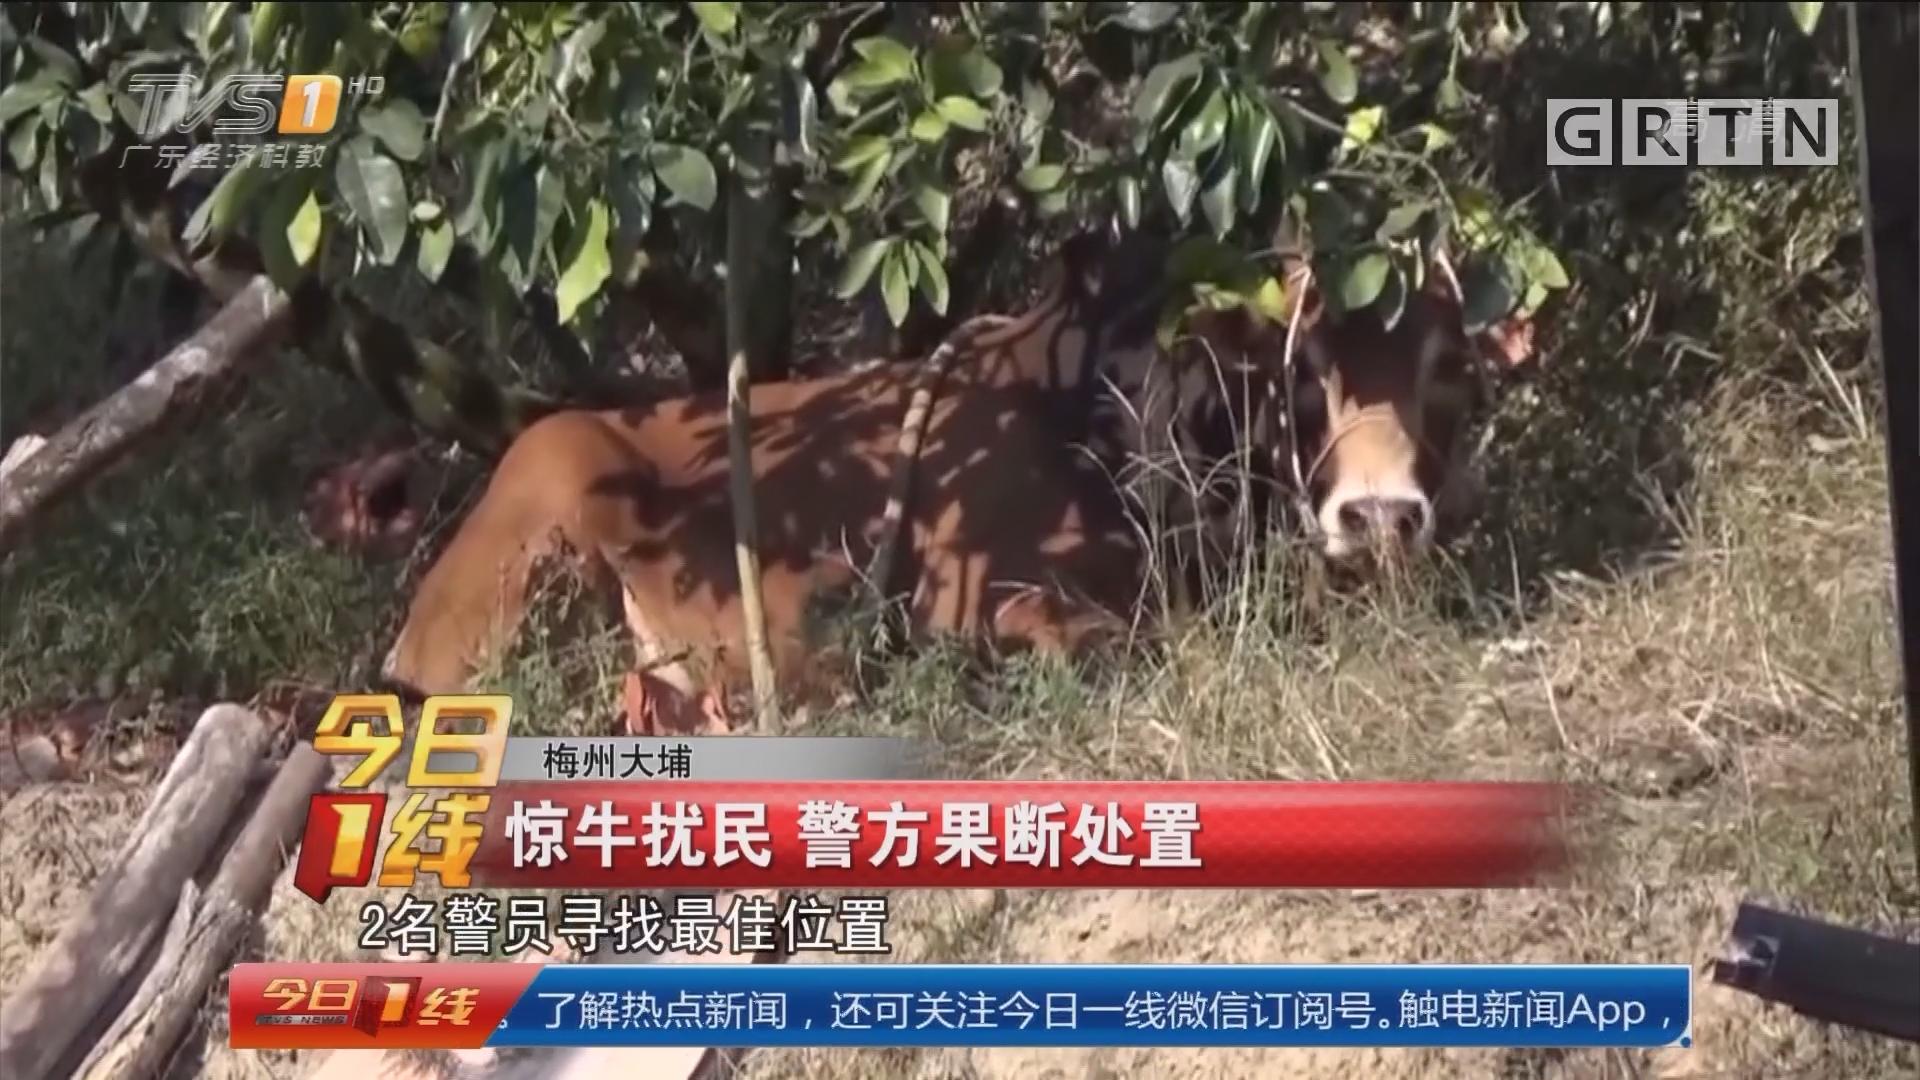 梅州大埔:惊牛扰民 警方果断处置